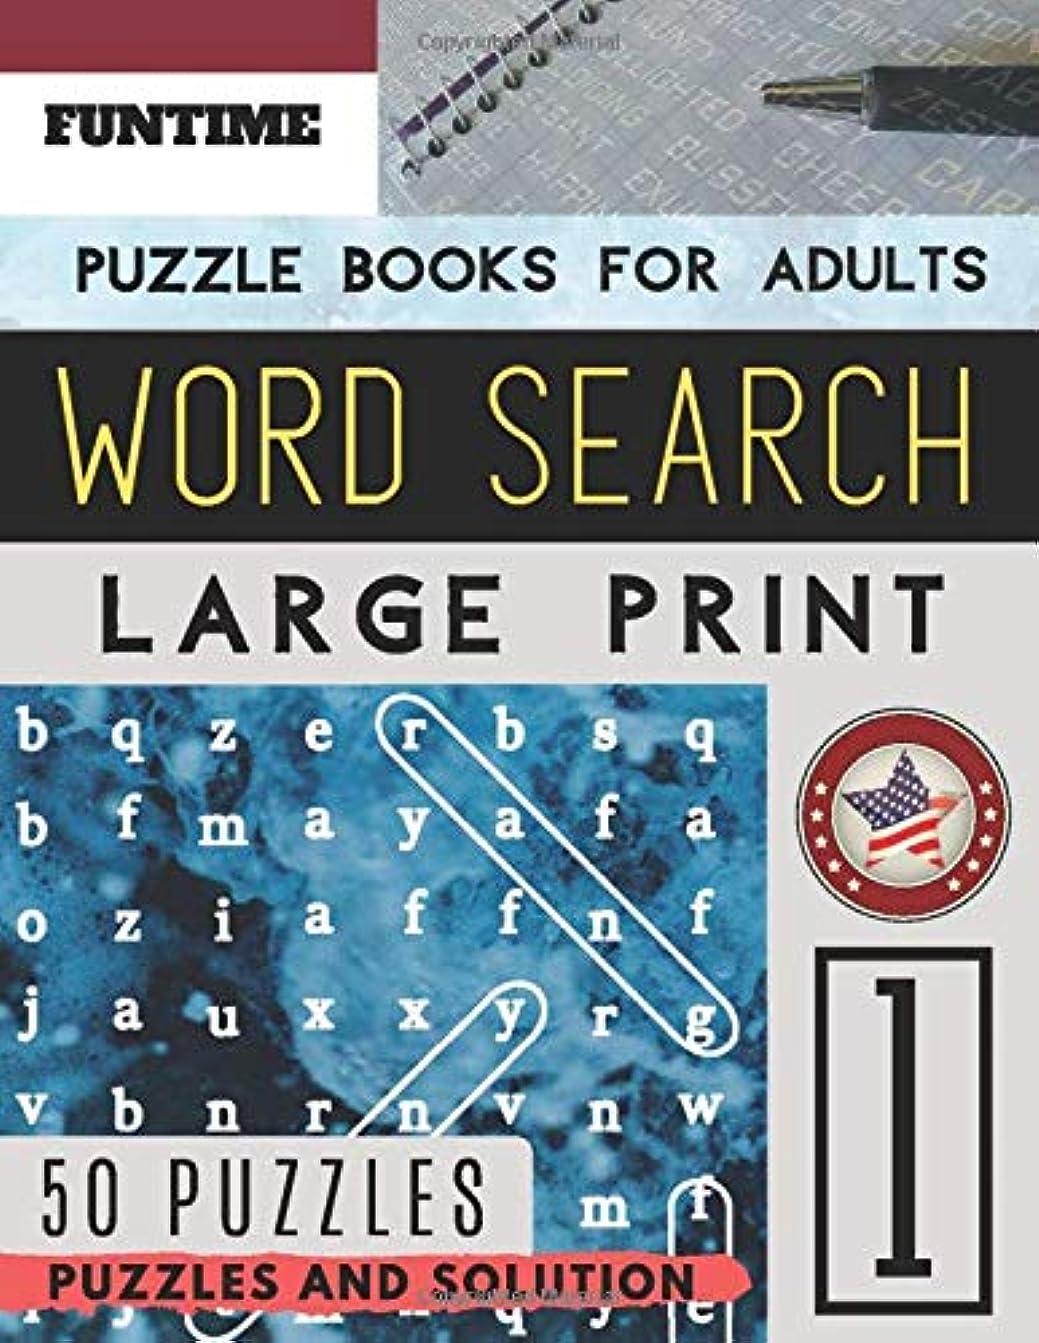 今日石膏正確さWord Search Puzzle Books For Adults Large Print: Funtime Activity Book | Brain Teasers Wordsearch Puzzle (find A Word For Adults Junior & Seniors) (Wordsearch Brain Teasers Game)